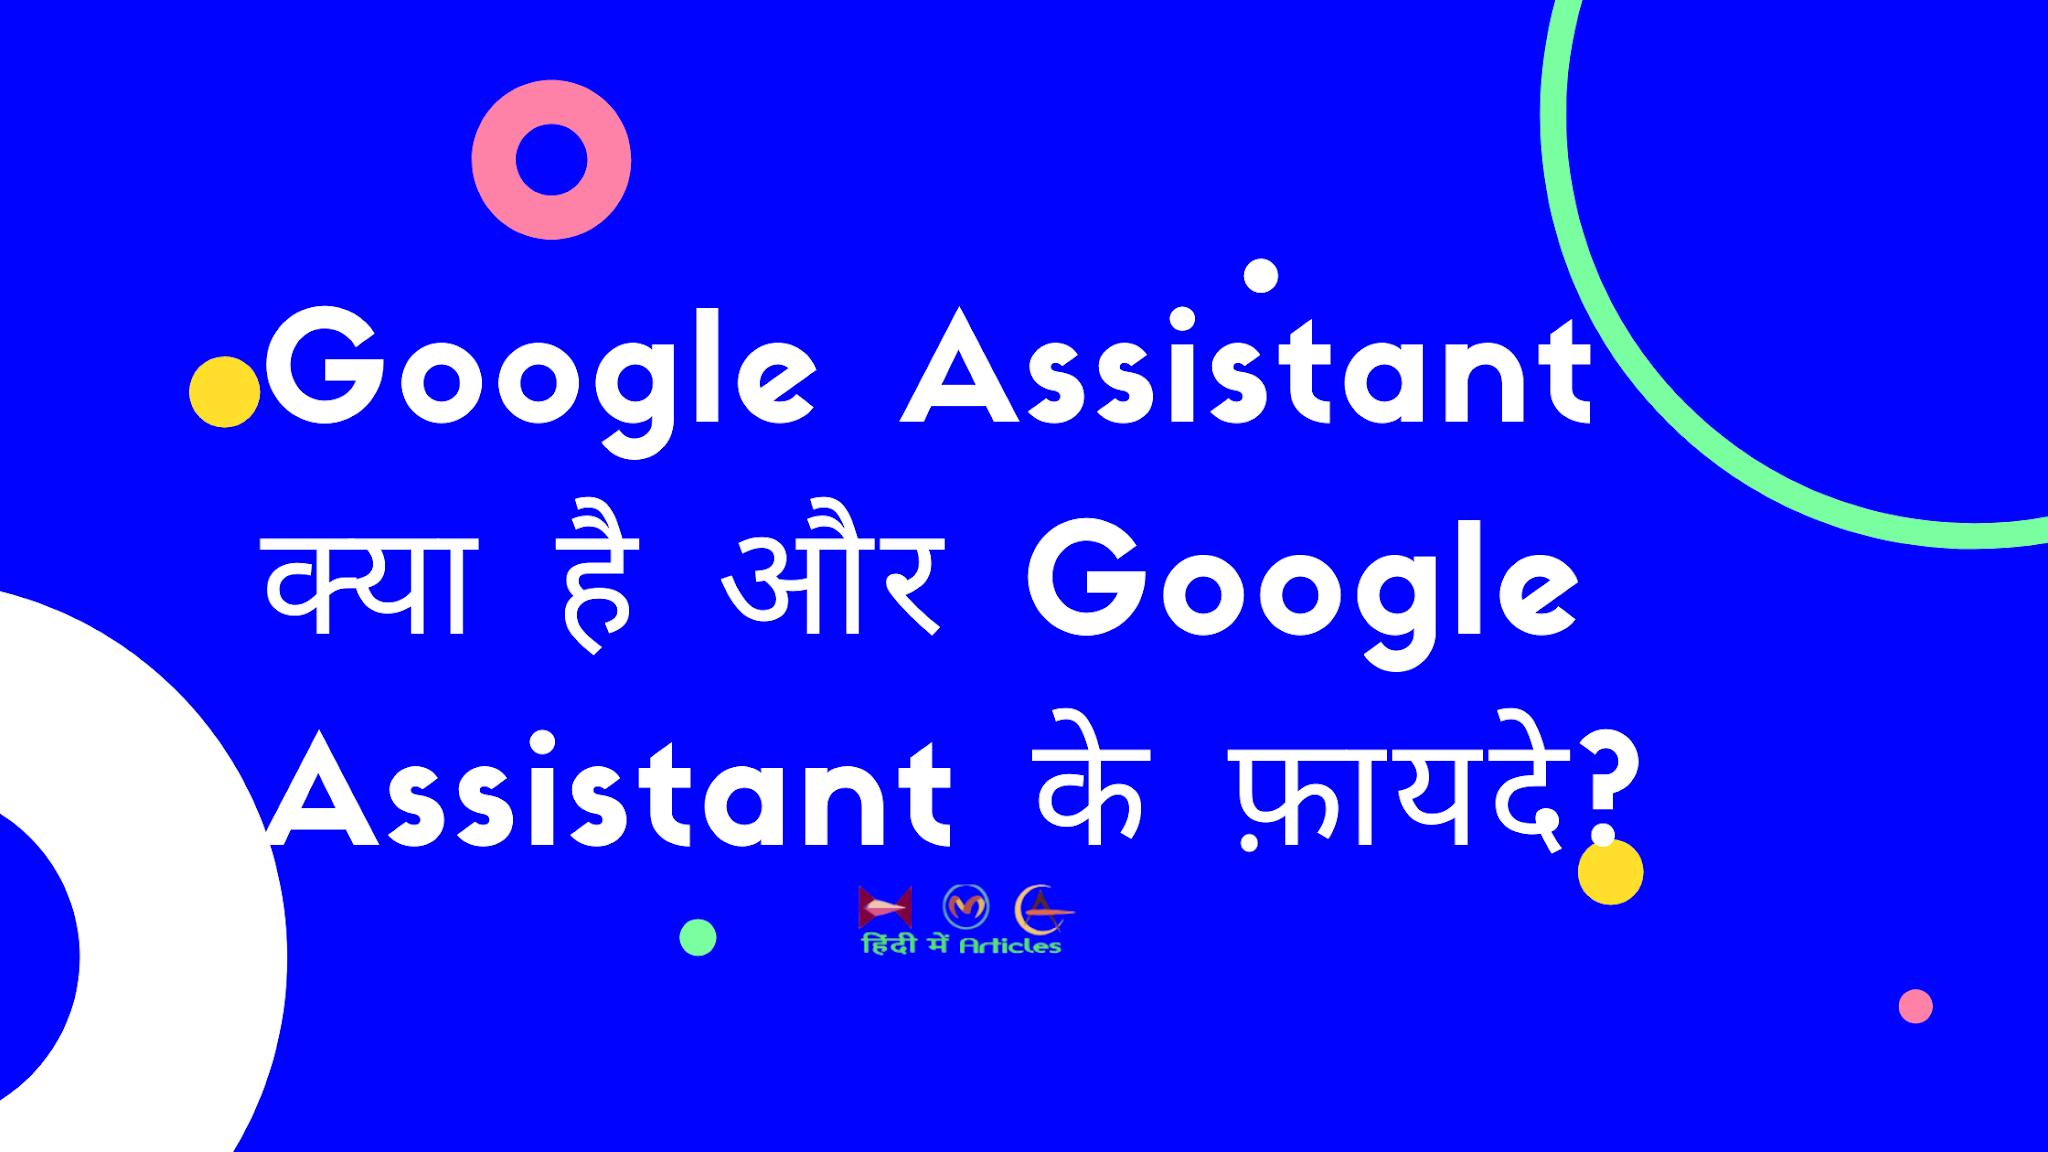 Google Assistant क्या है और Google Assistant के फ़ायदे?